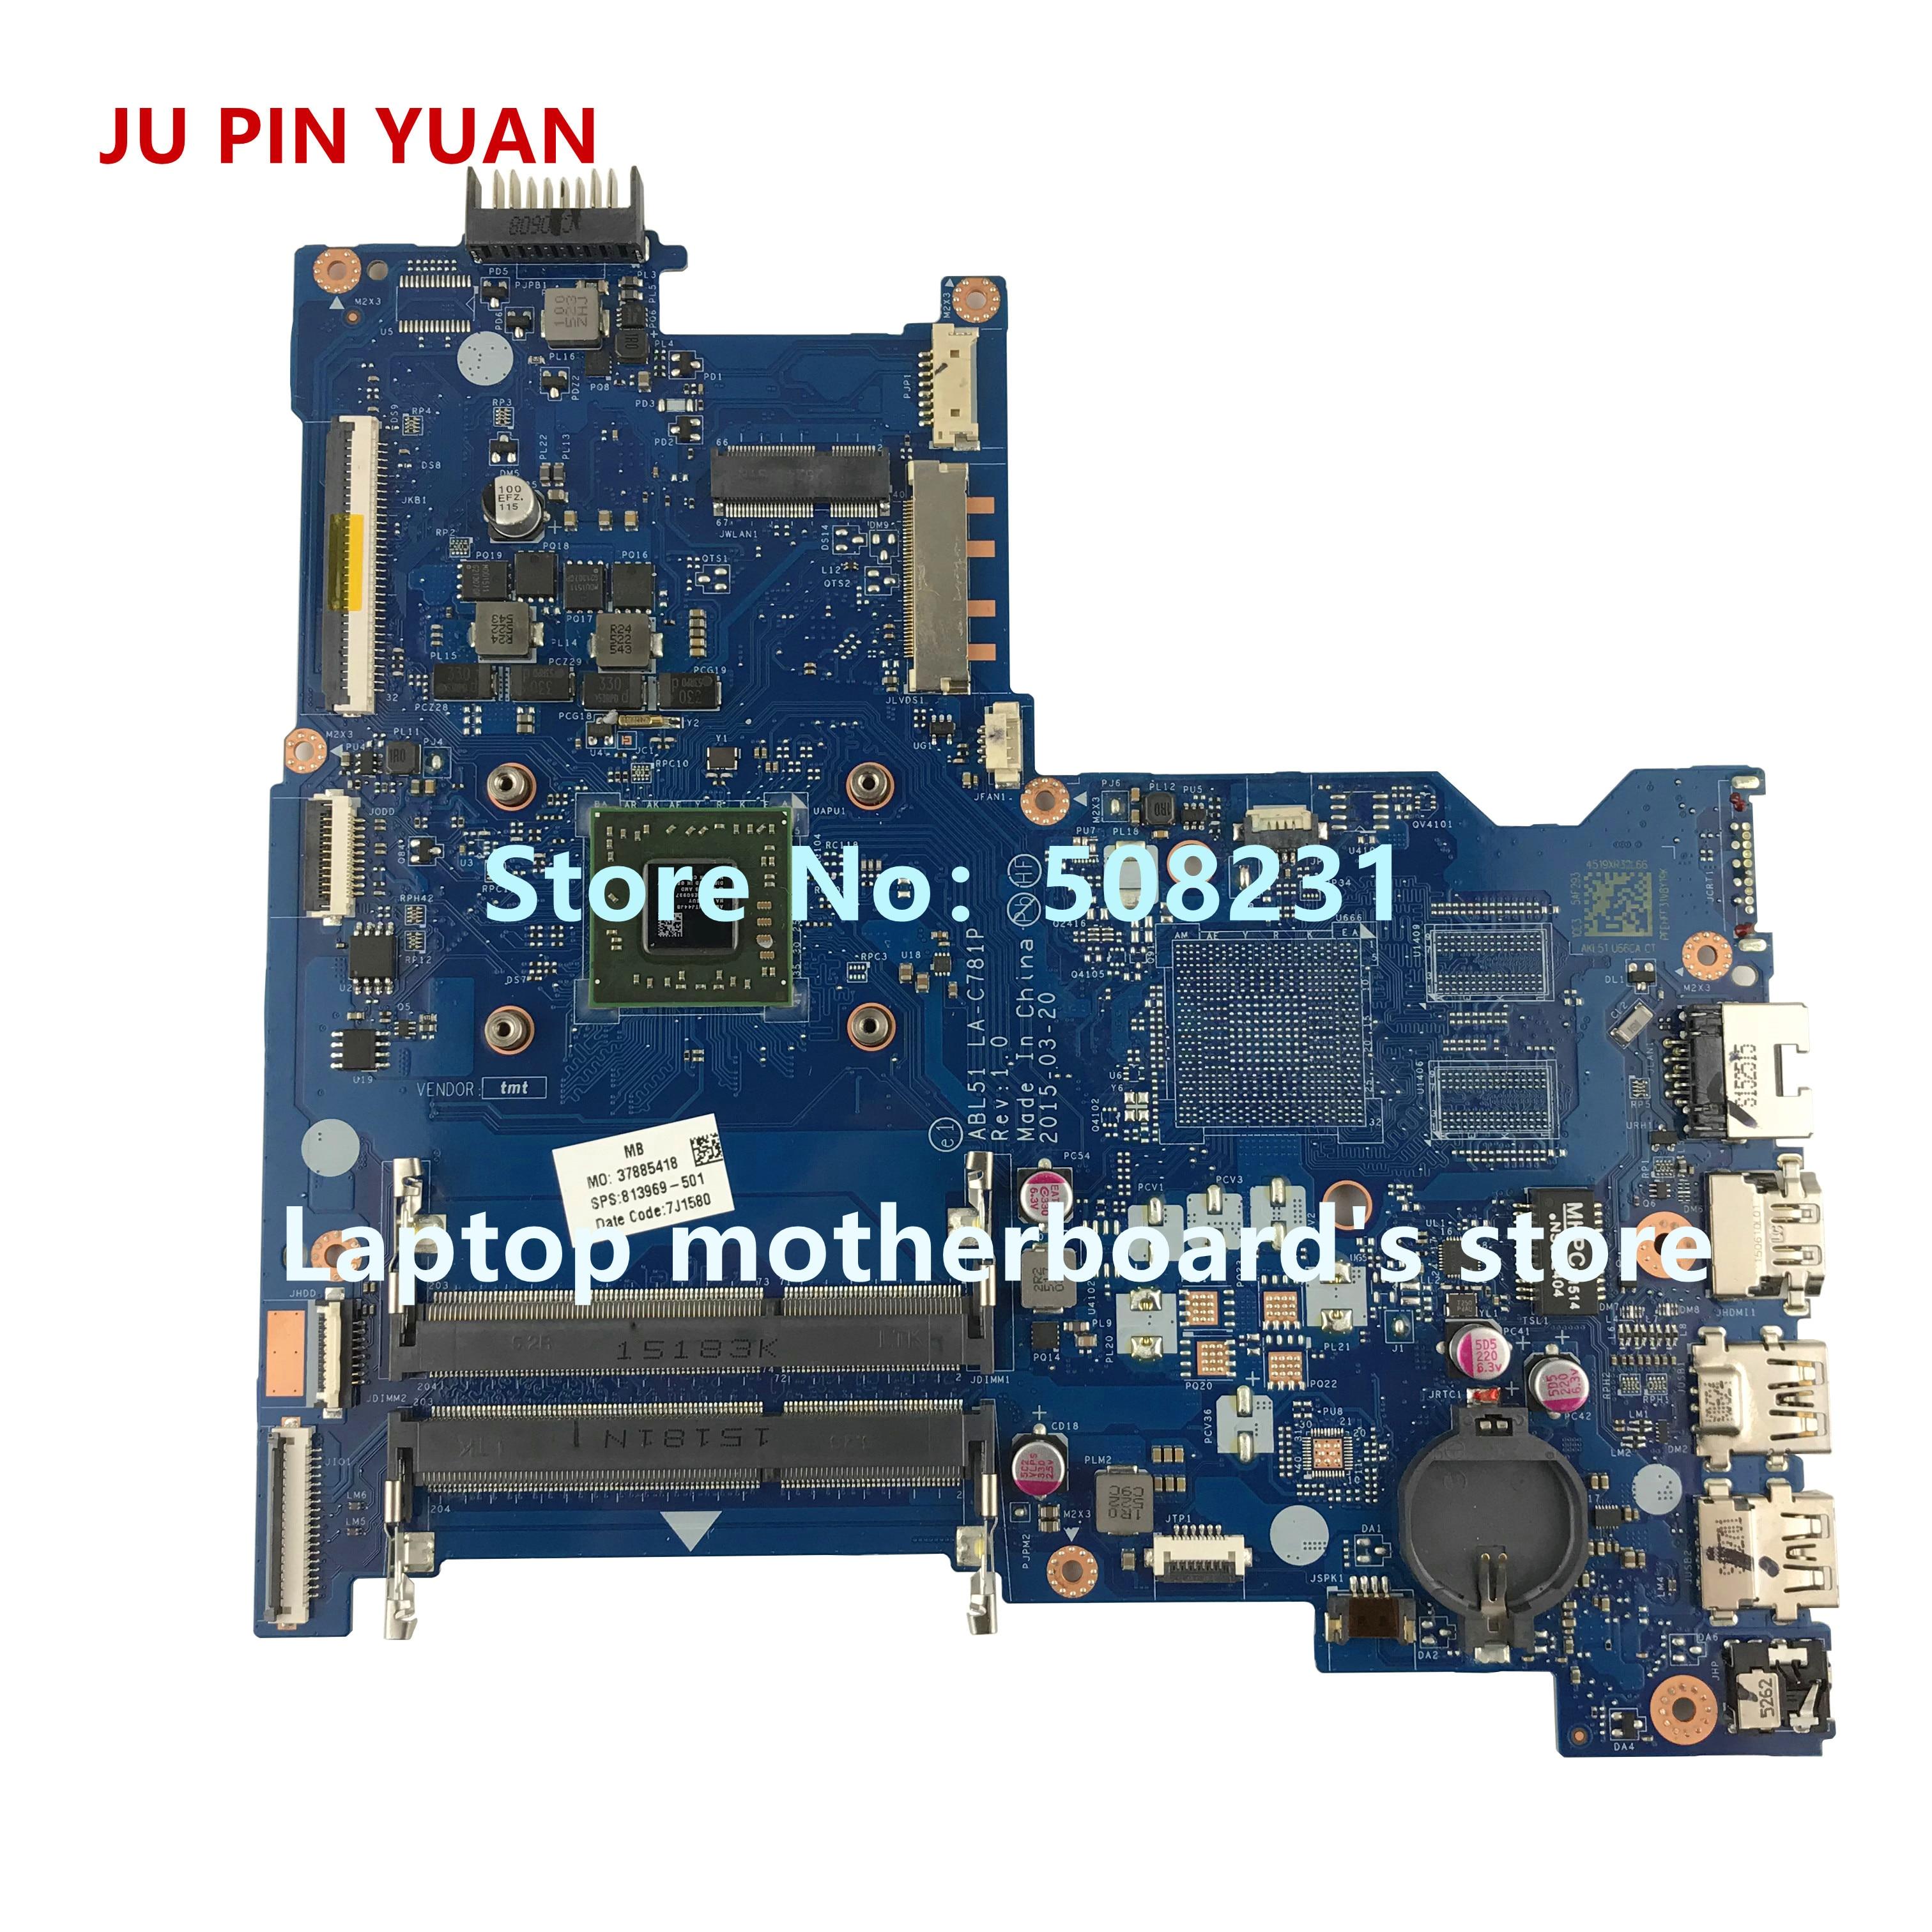 JU PIN YUAN For HP NOTEBOOK 15-AF 15Z-AF 15-AF147CA Motherboard 813969-501 813969-601 ABL51 LA-C781P With A8-7410 Fully Tested